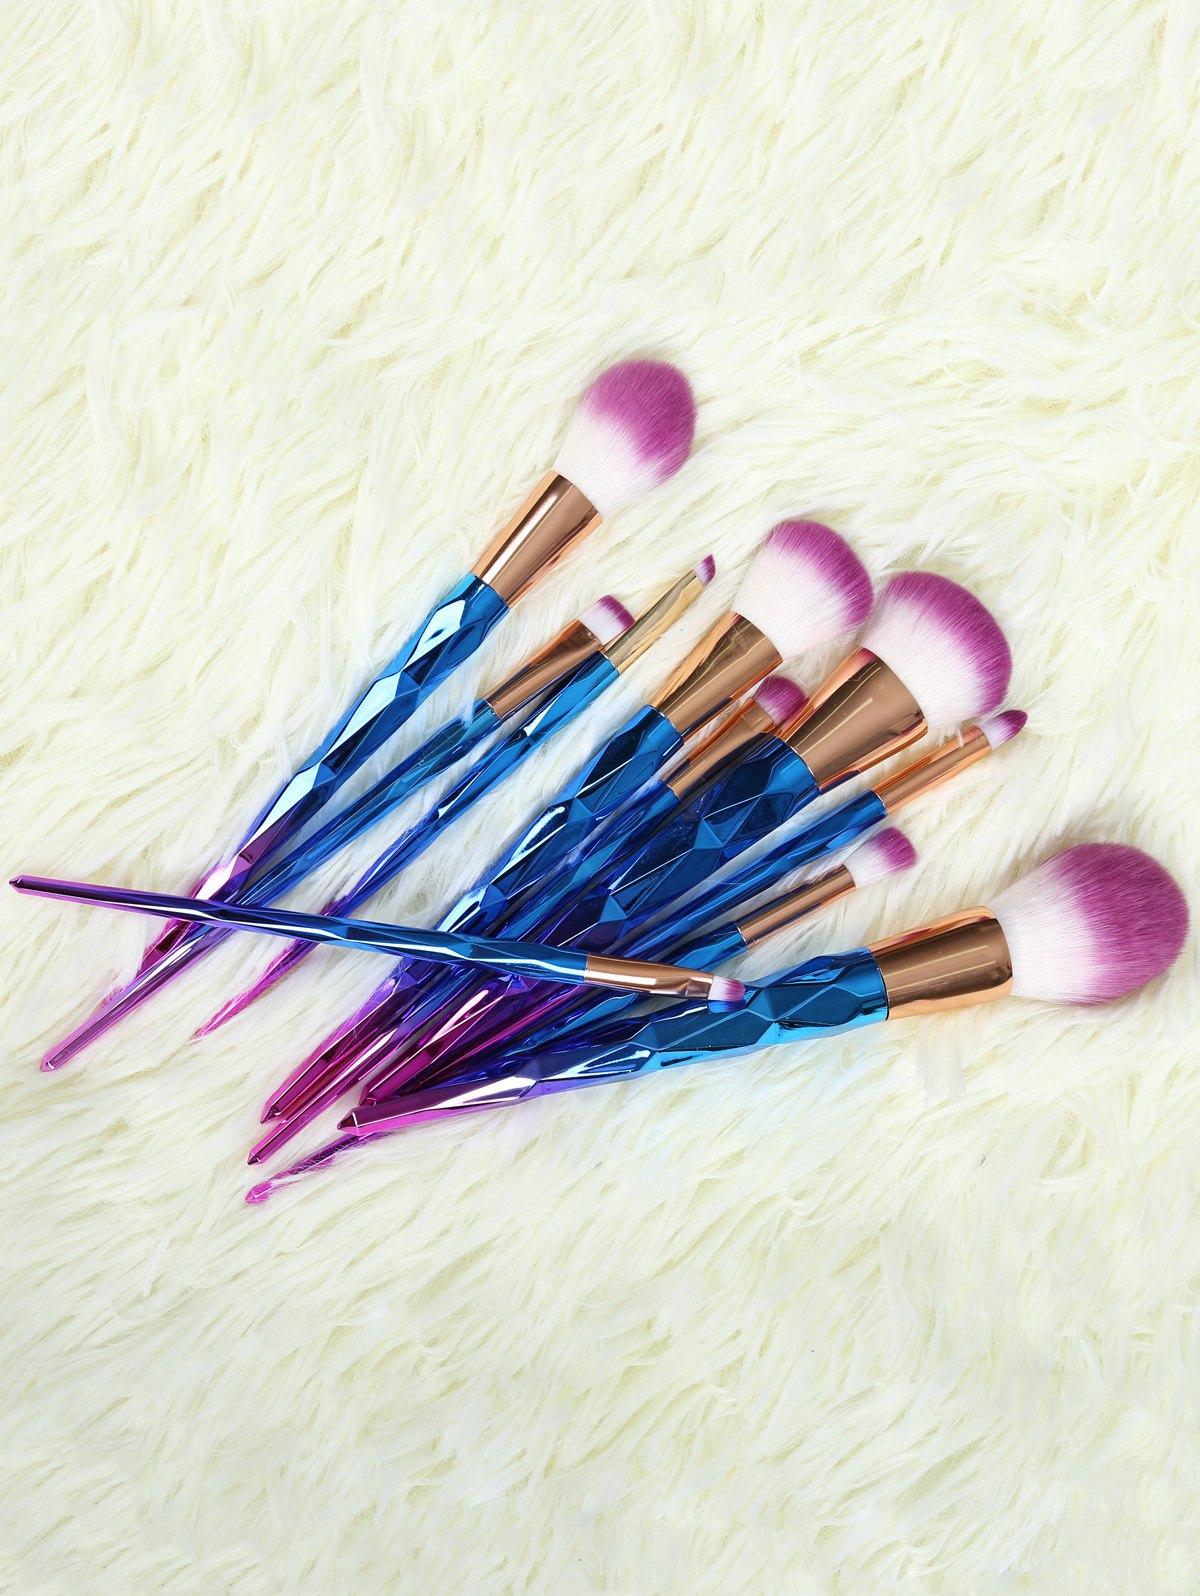 10 Pcs Fiber Ombre Makeup Brushes Set